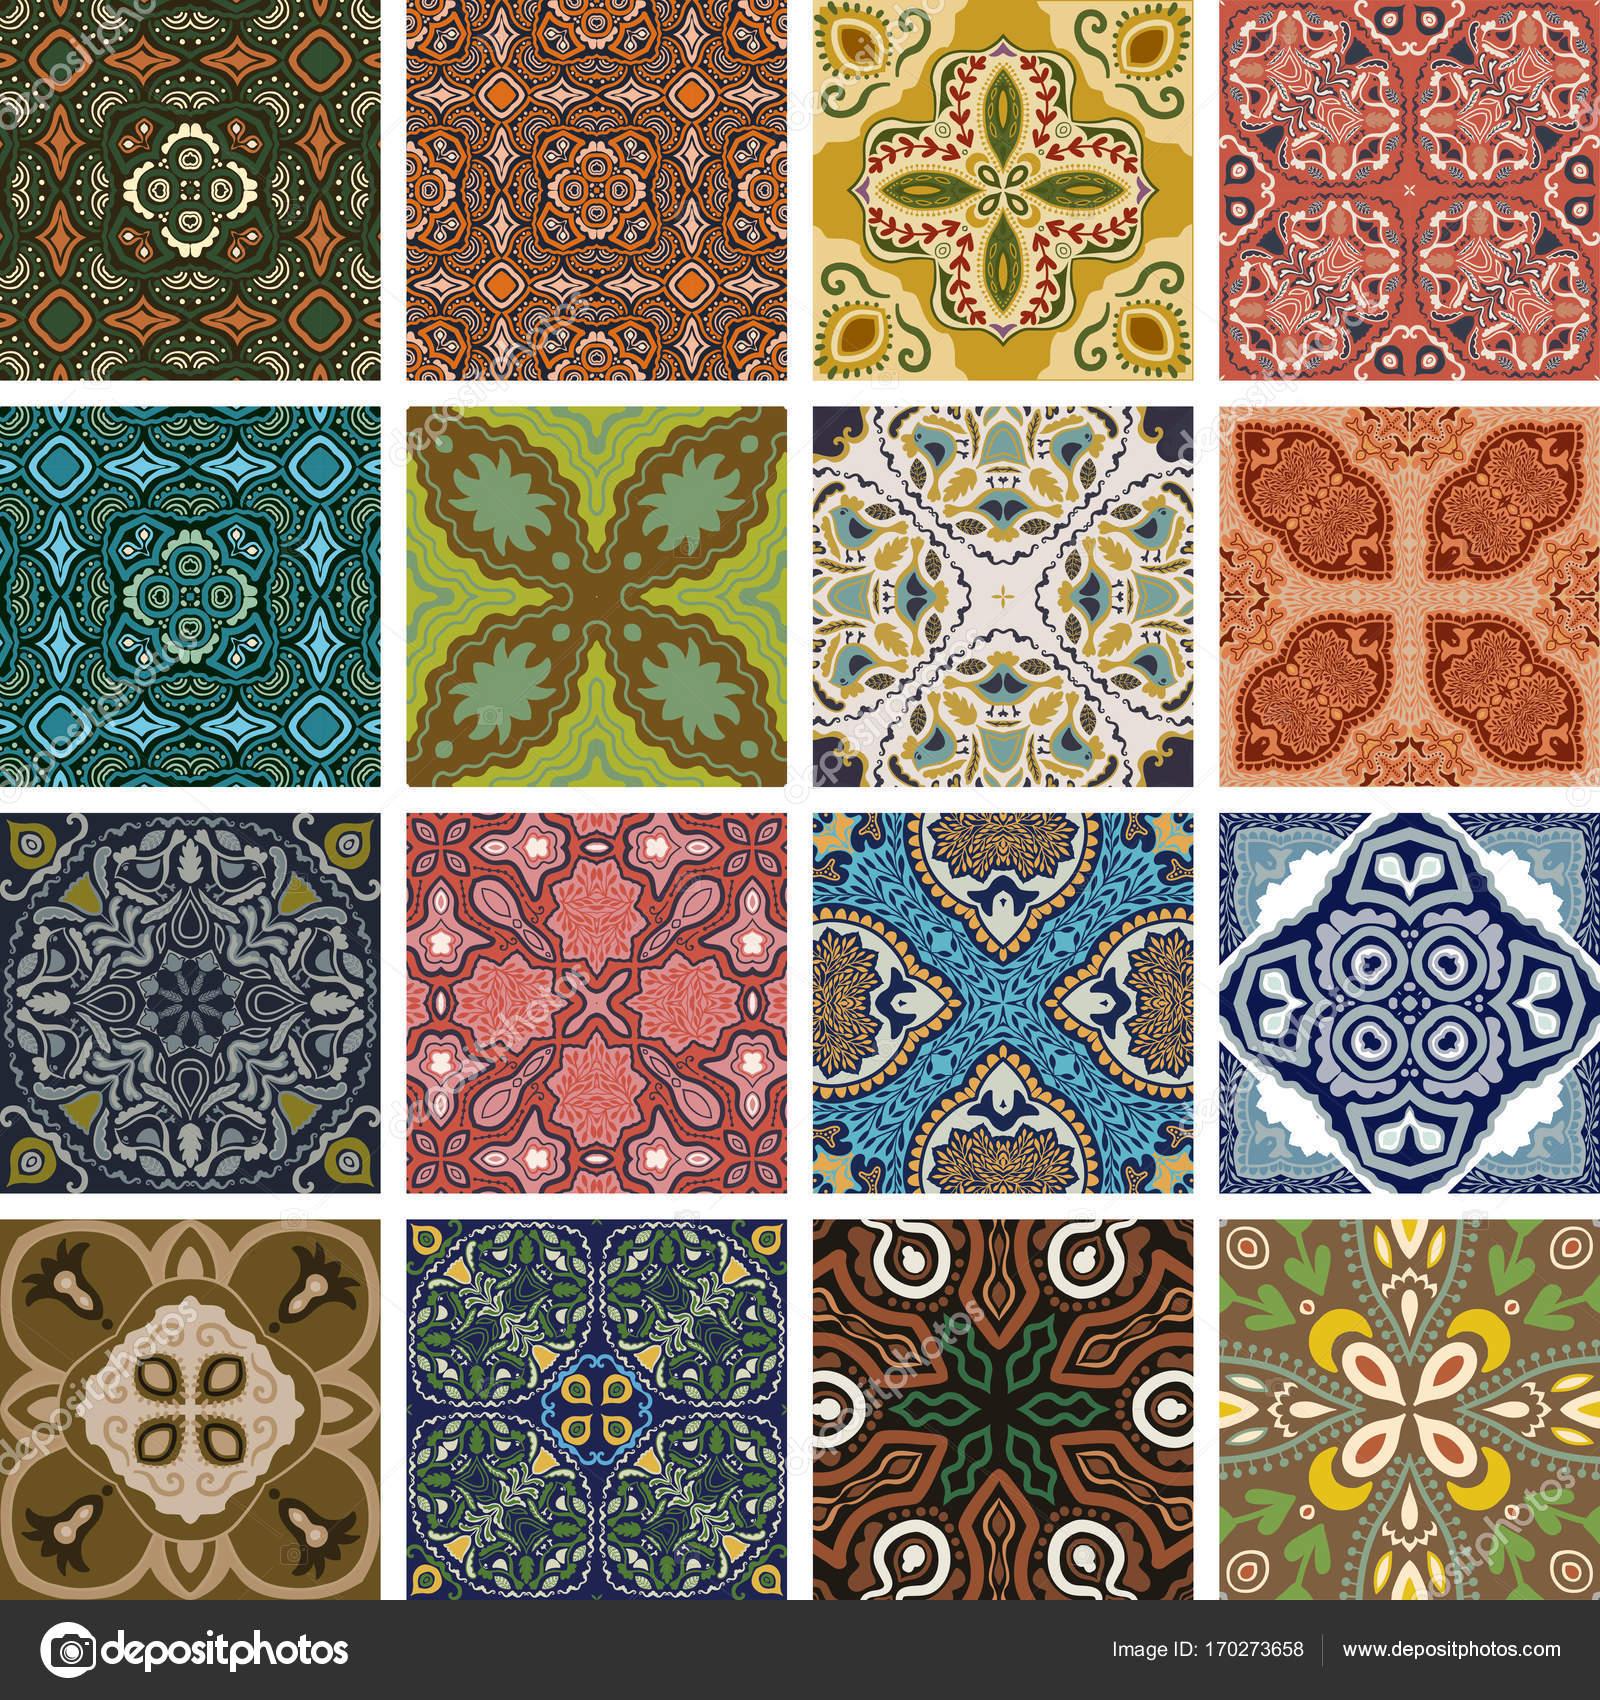 Tradizionale Portoghese Ornato Decorativo Piastrelle Azulejos. Sfondo  Astratto. Vettoriale Illustrazione Disegnata A Mano,